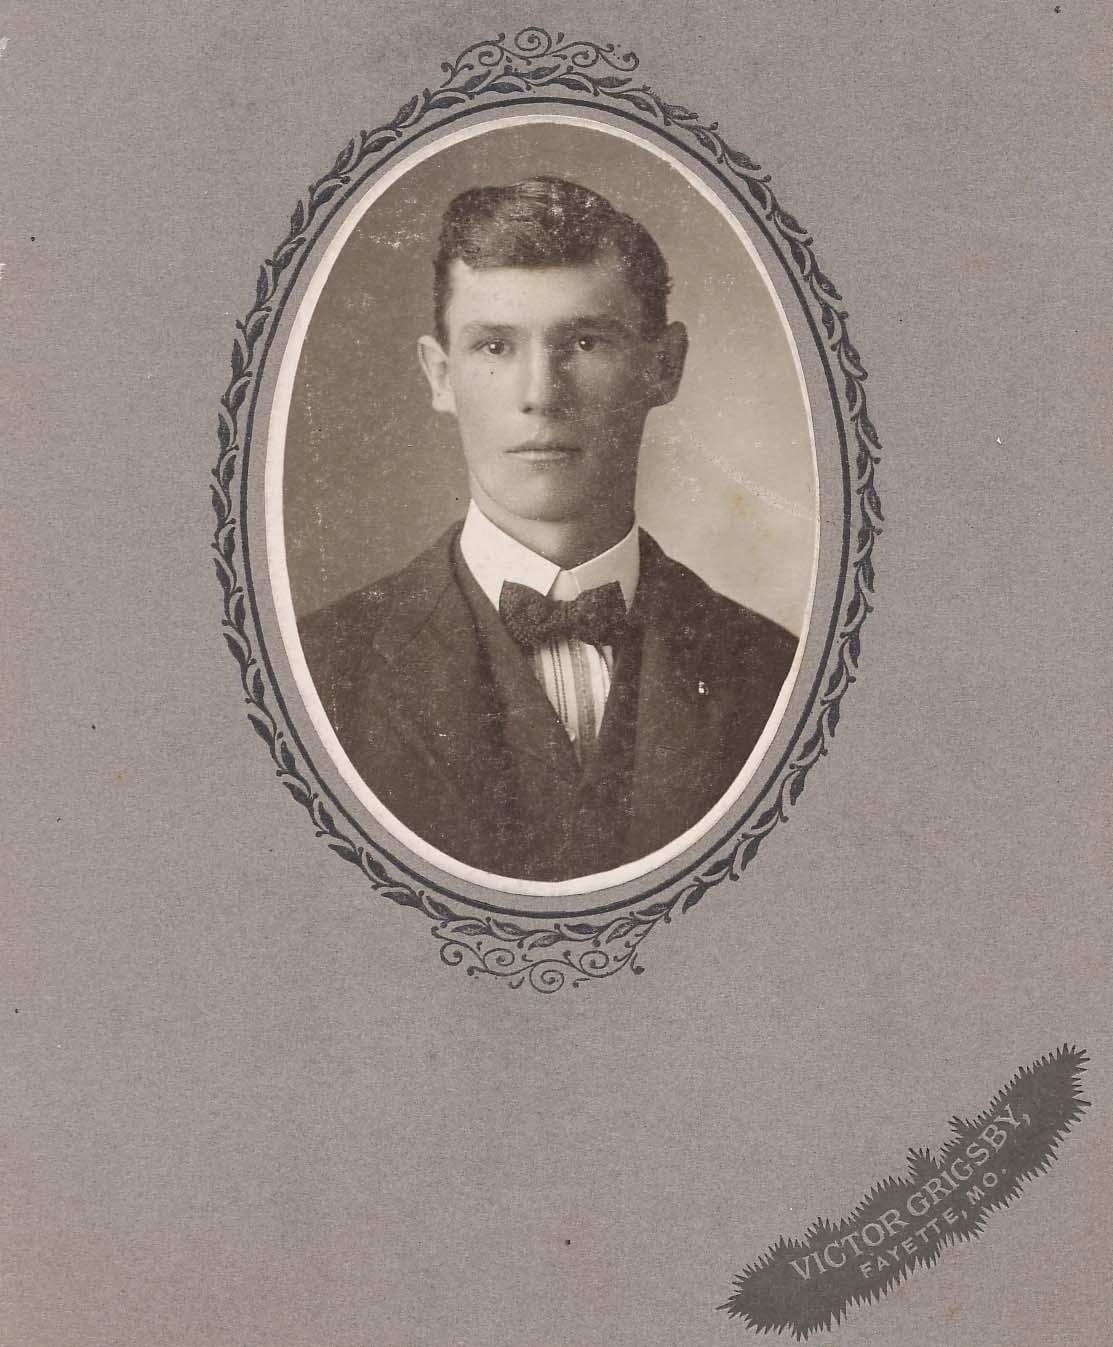 Hezekiah Wright Waterfield